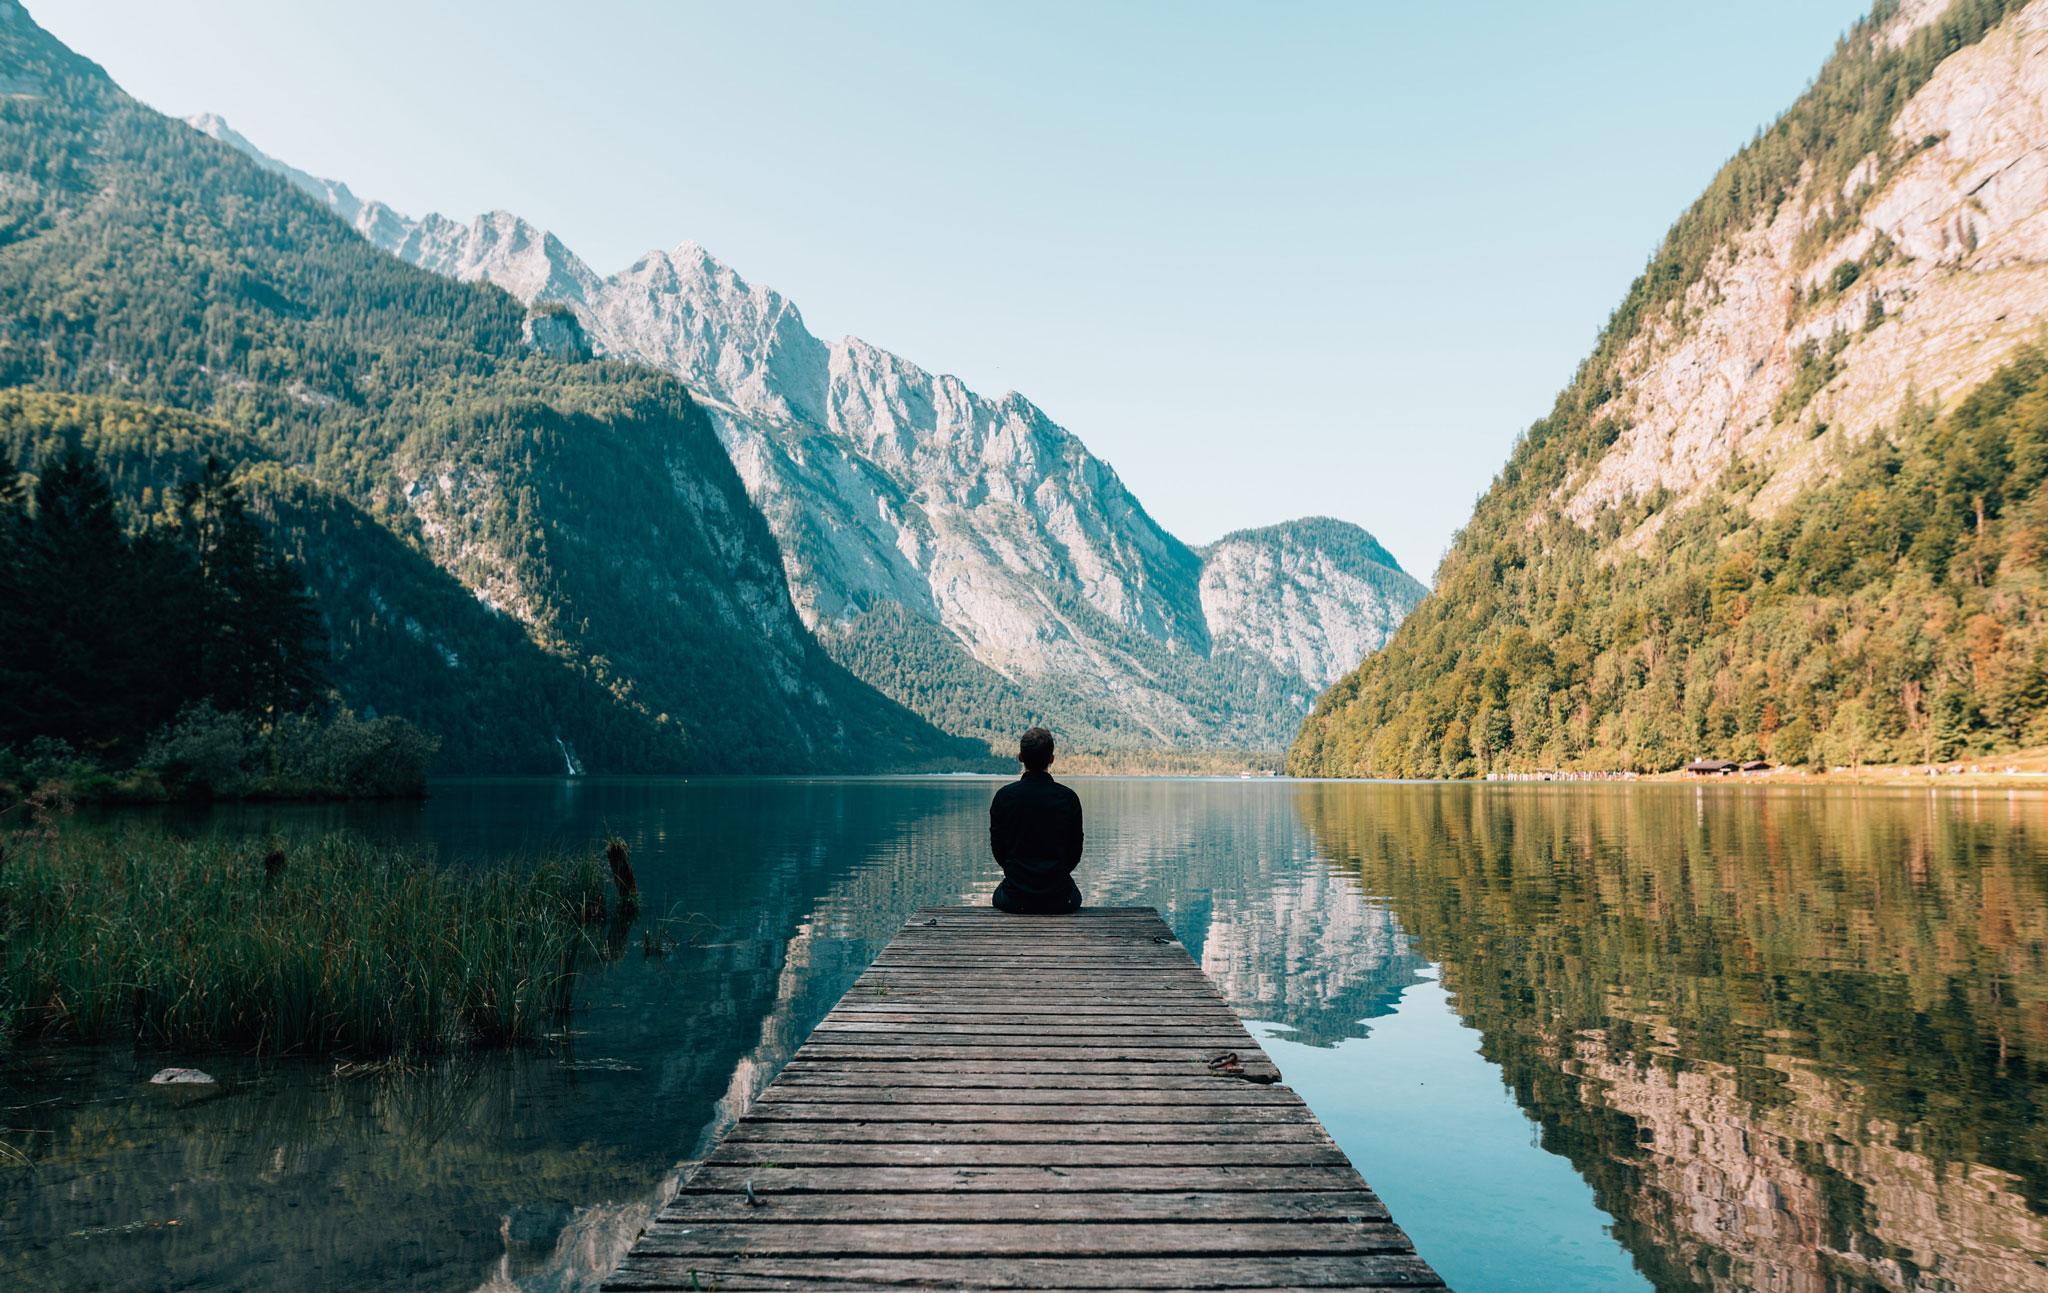 man on lake